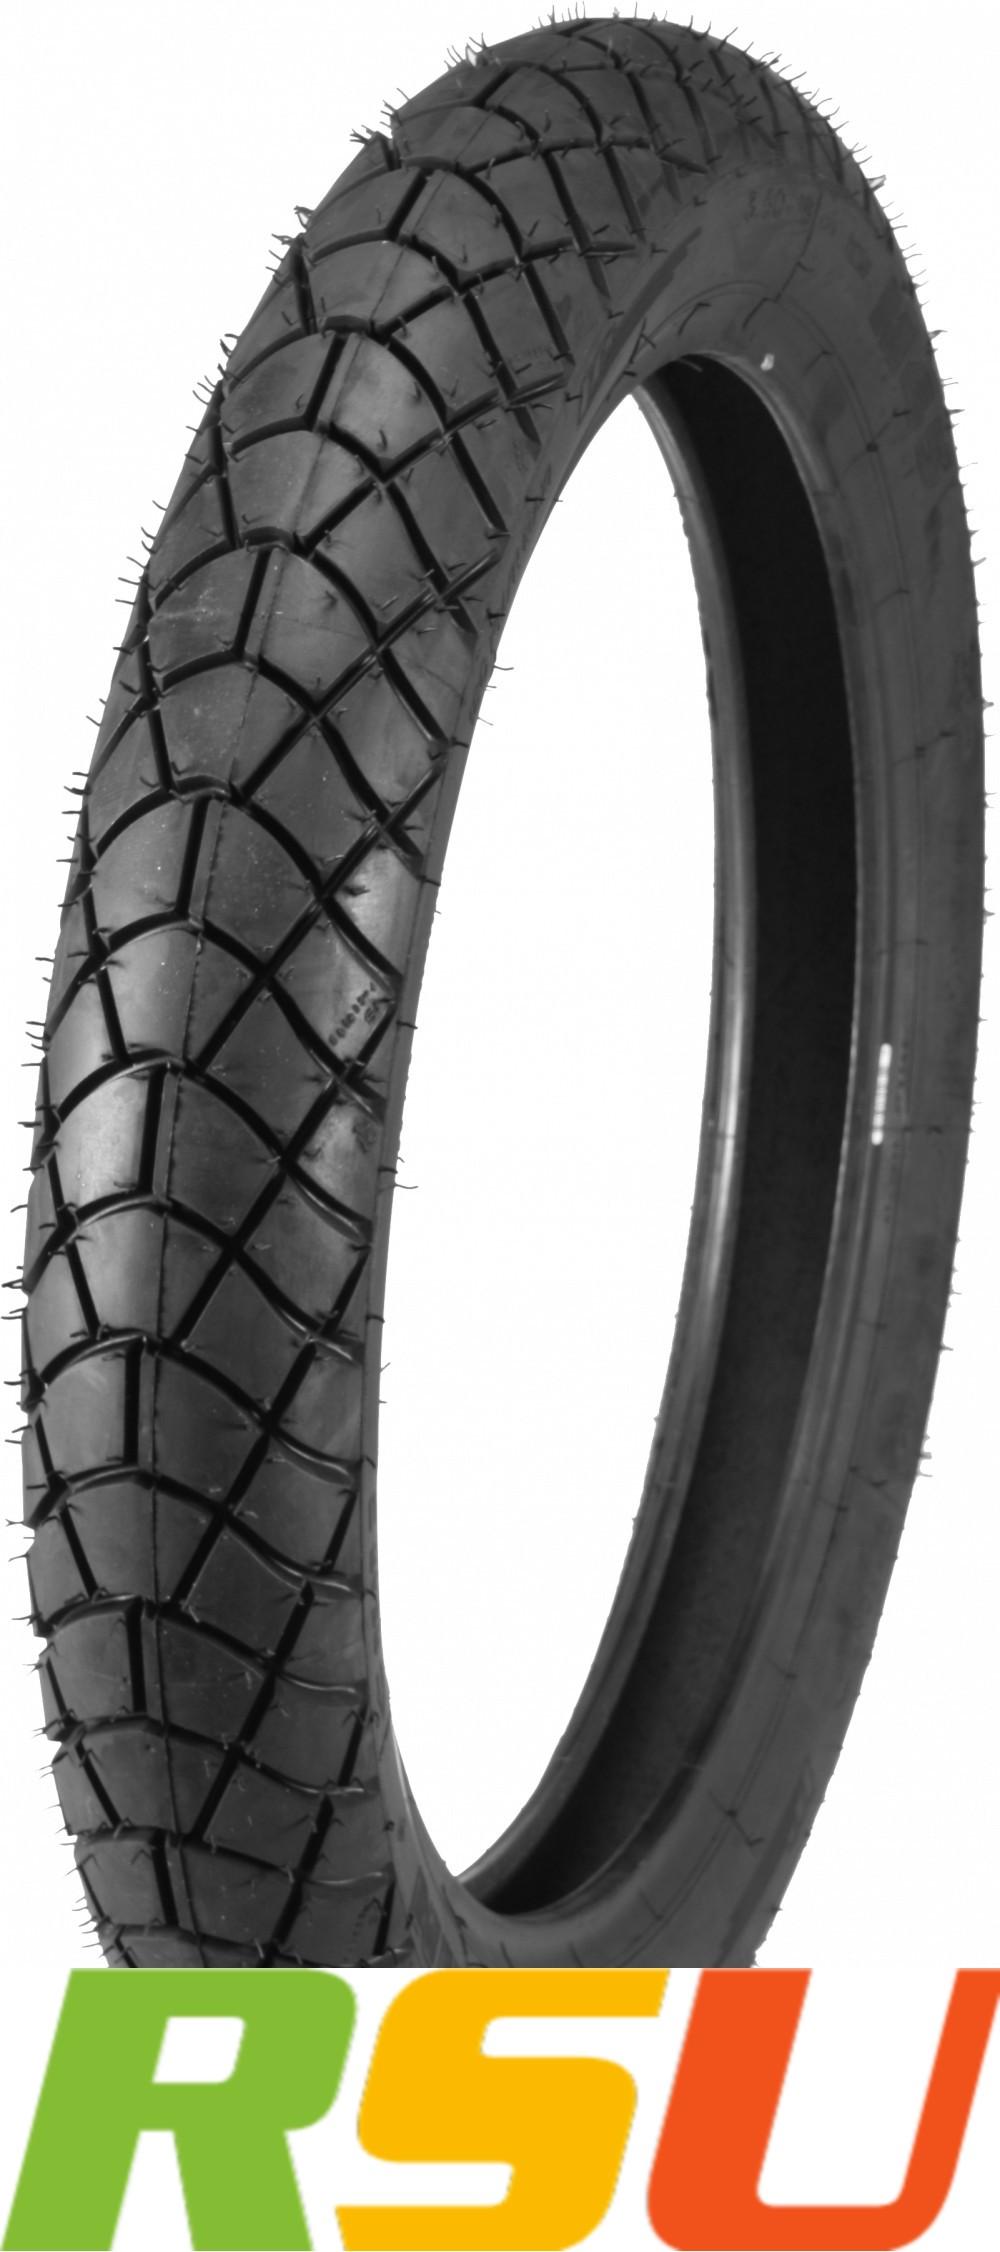 2x Motorradreifen Michelin M 45 XL (TT) 2.75-17 47 S